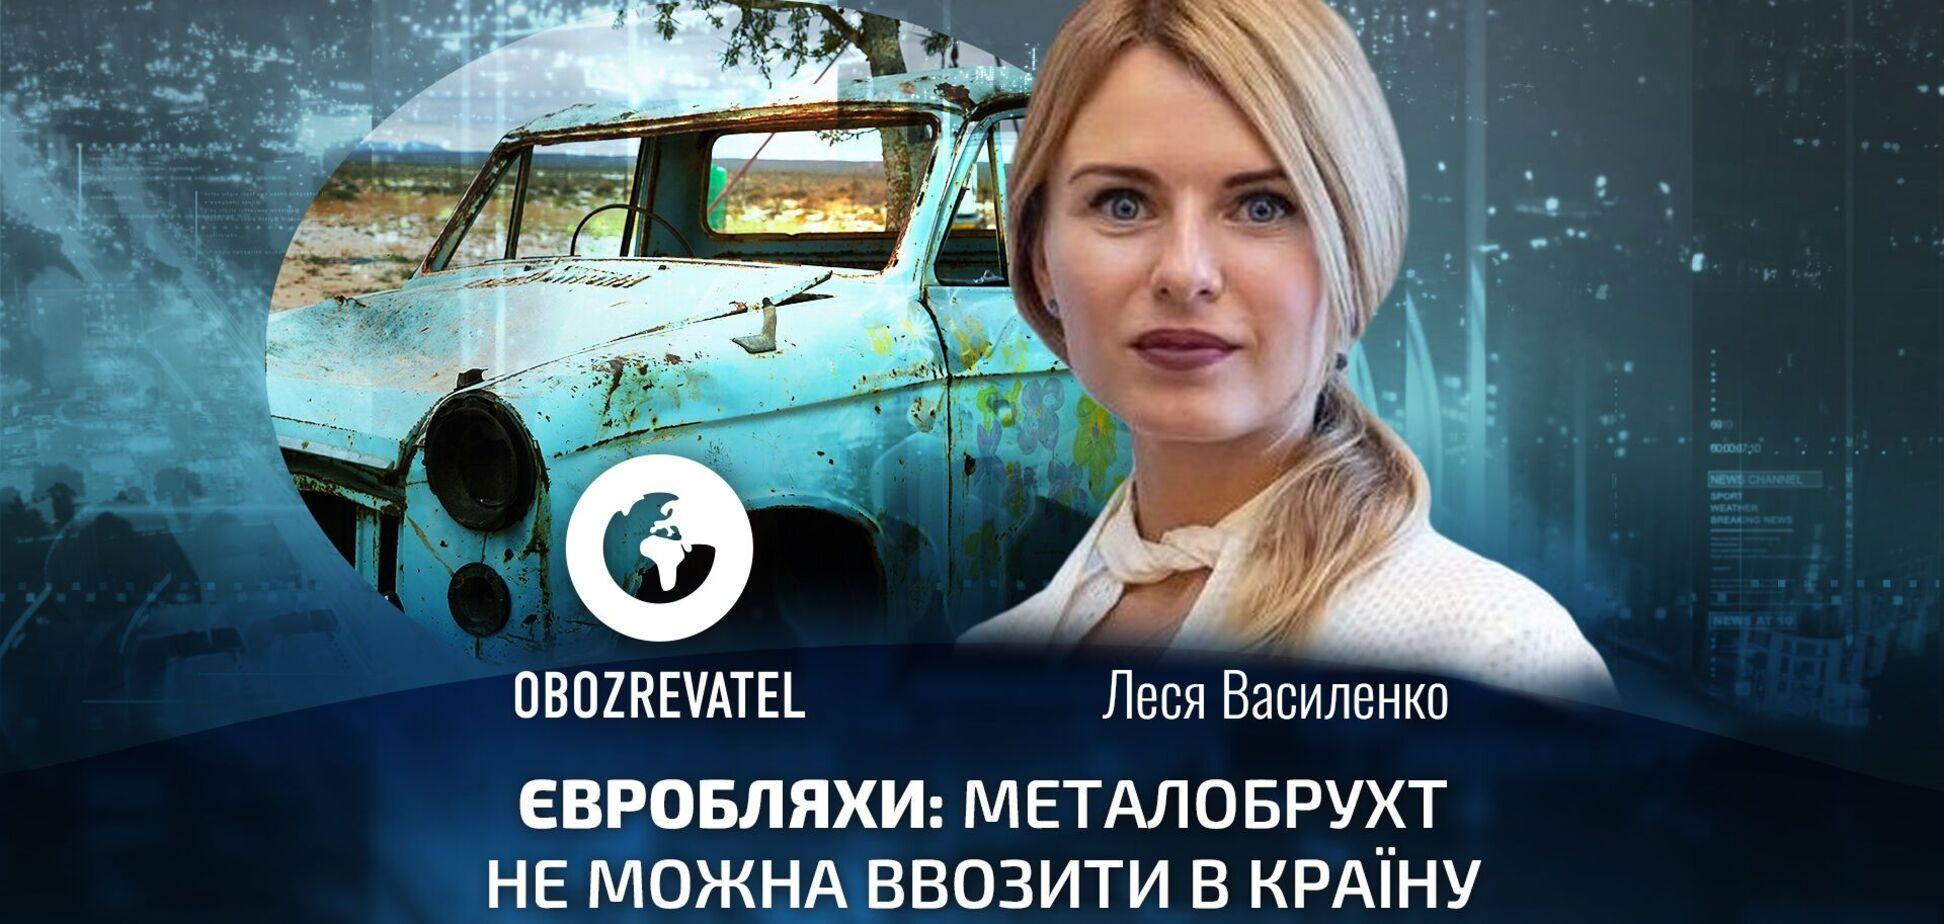 Василенко: 'евробляхи' – это металлолом